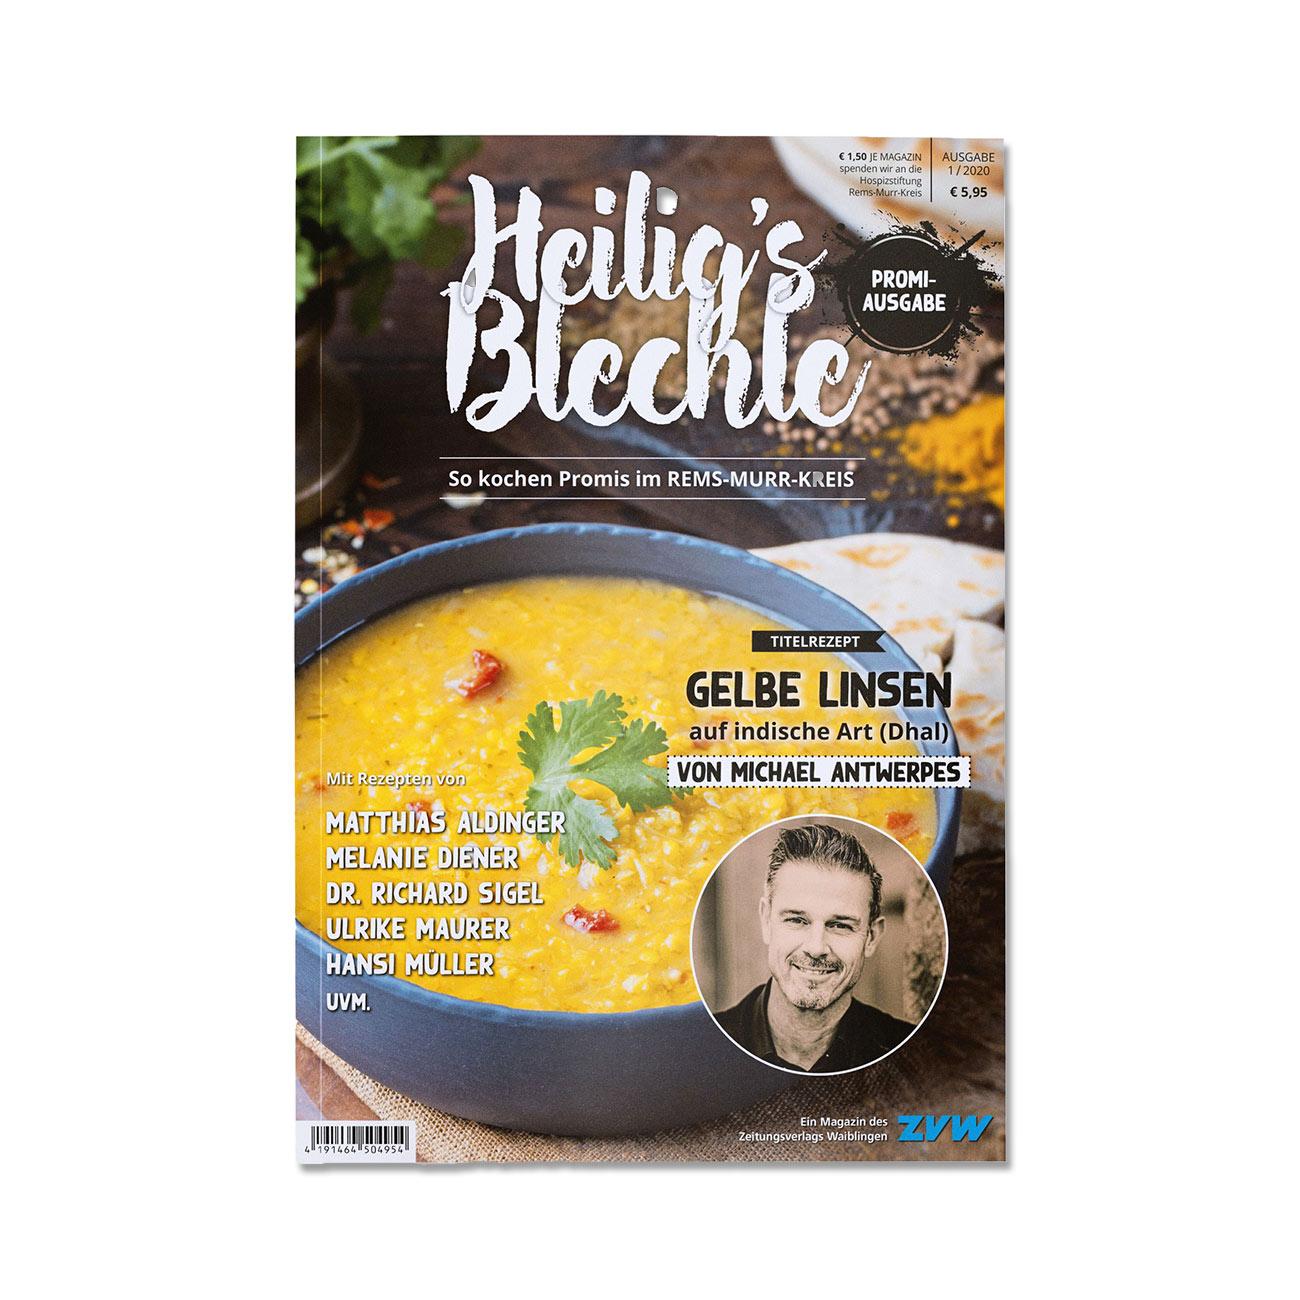 """Heilig's Blechle """"Promi-Ausgabe"""""""